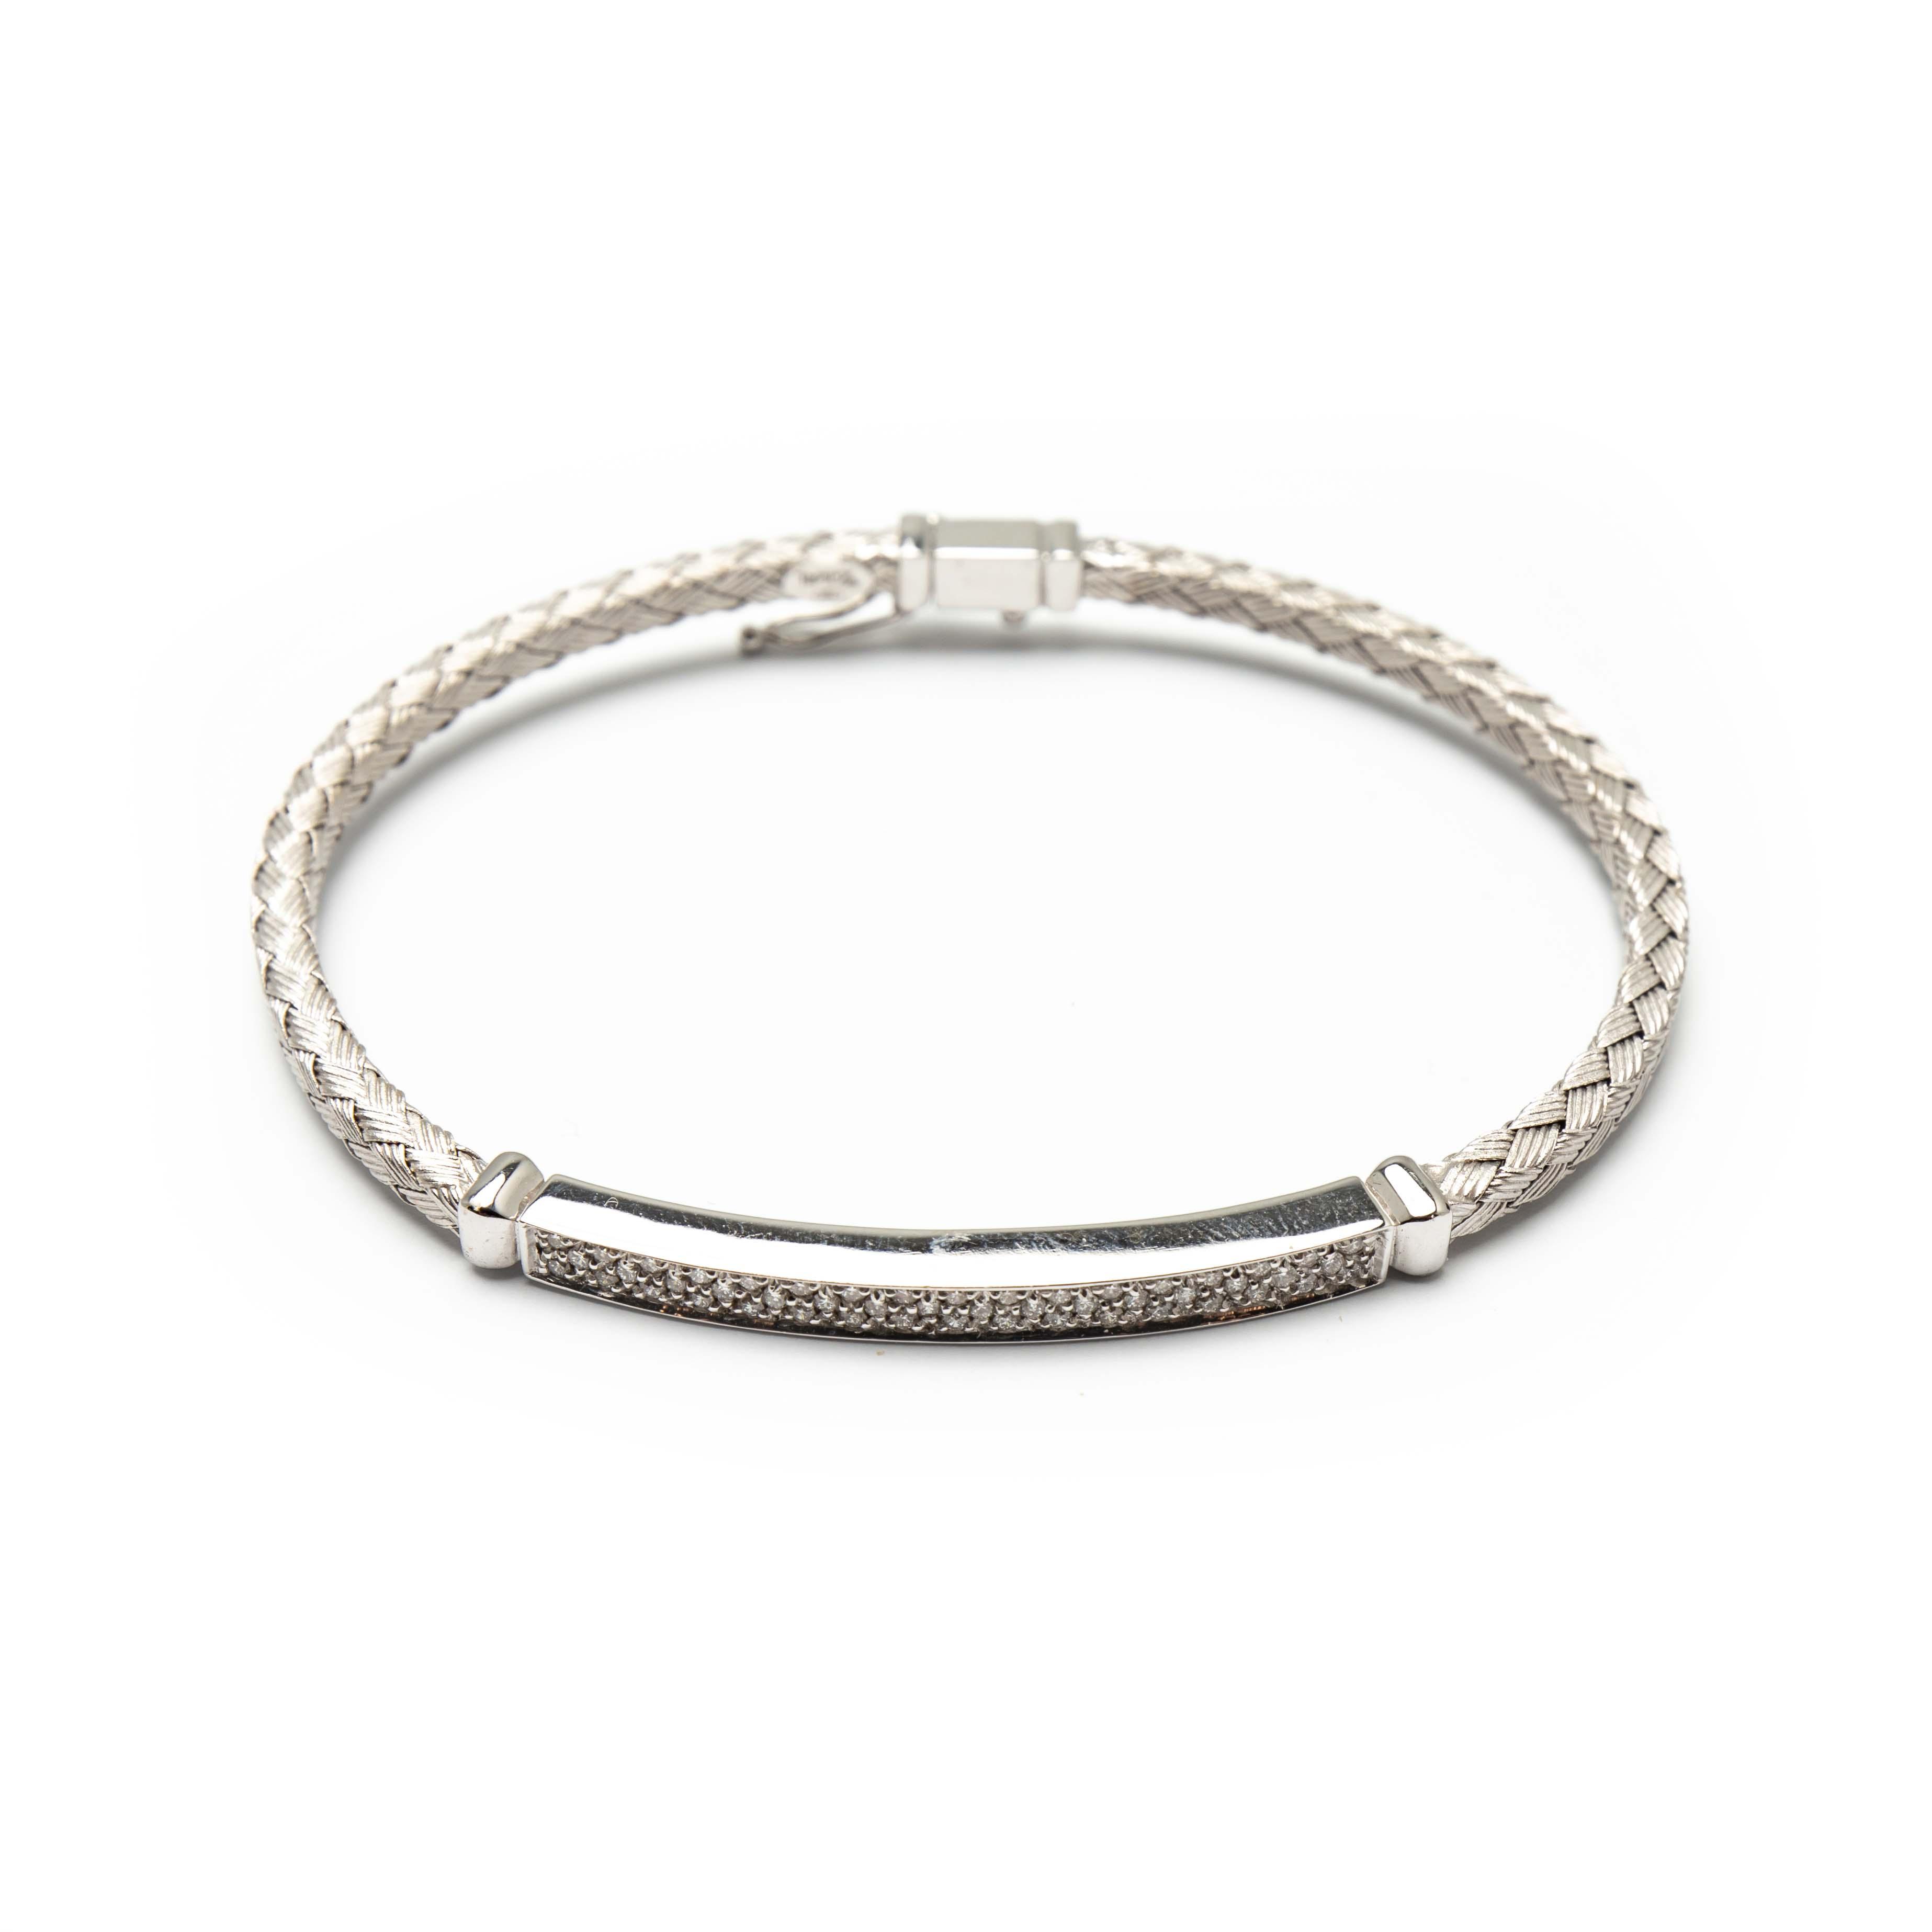 Unisex White Gold Diamond Bangle